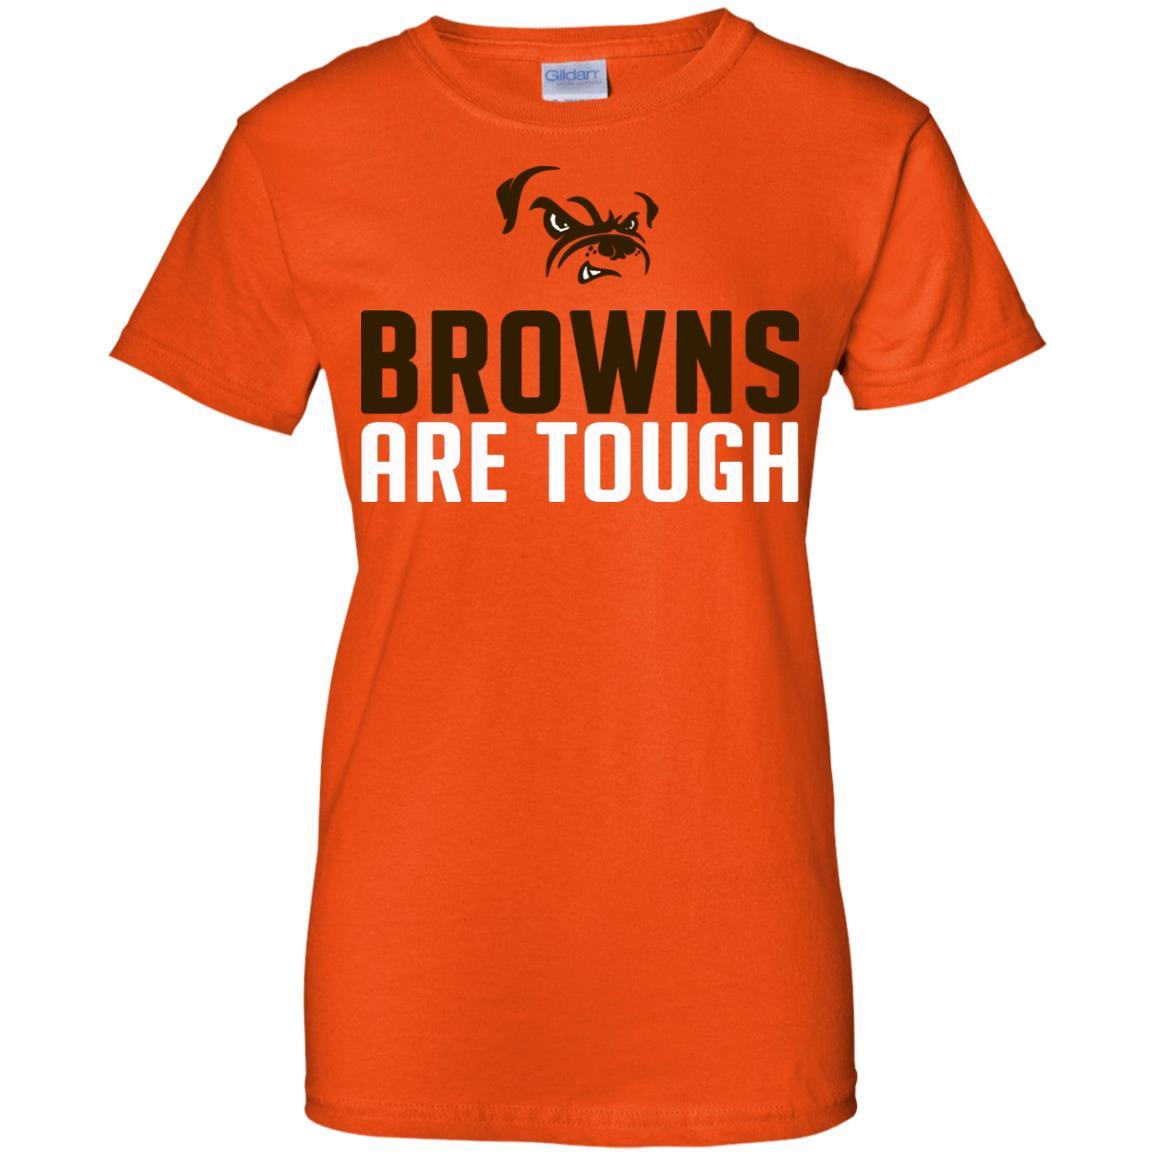 image 2486 - Cleveland Joe Thomas Browns are tough shirt